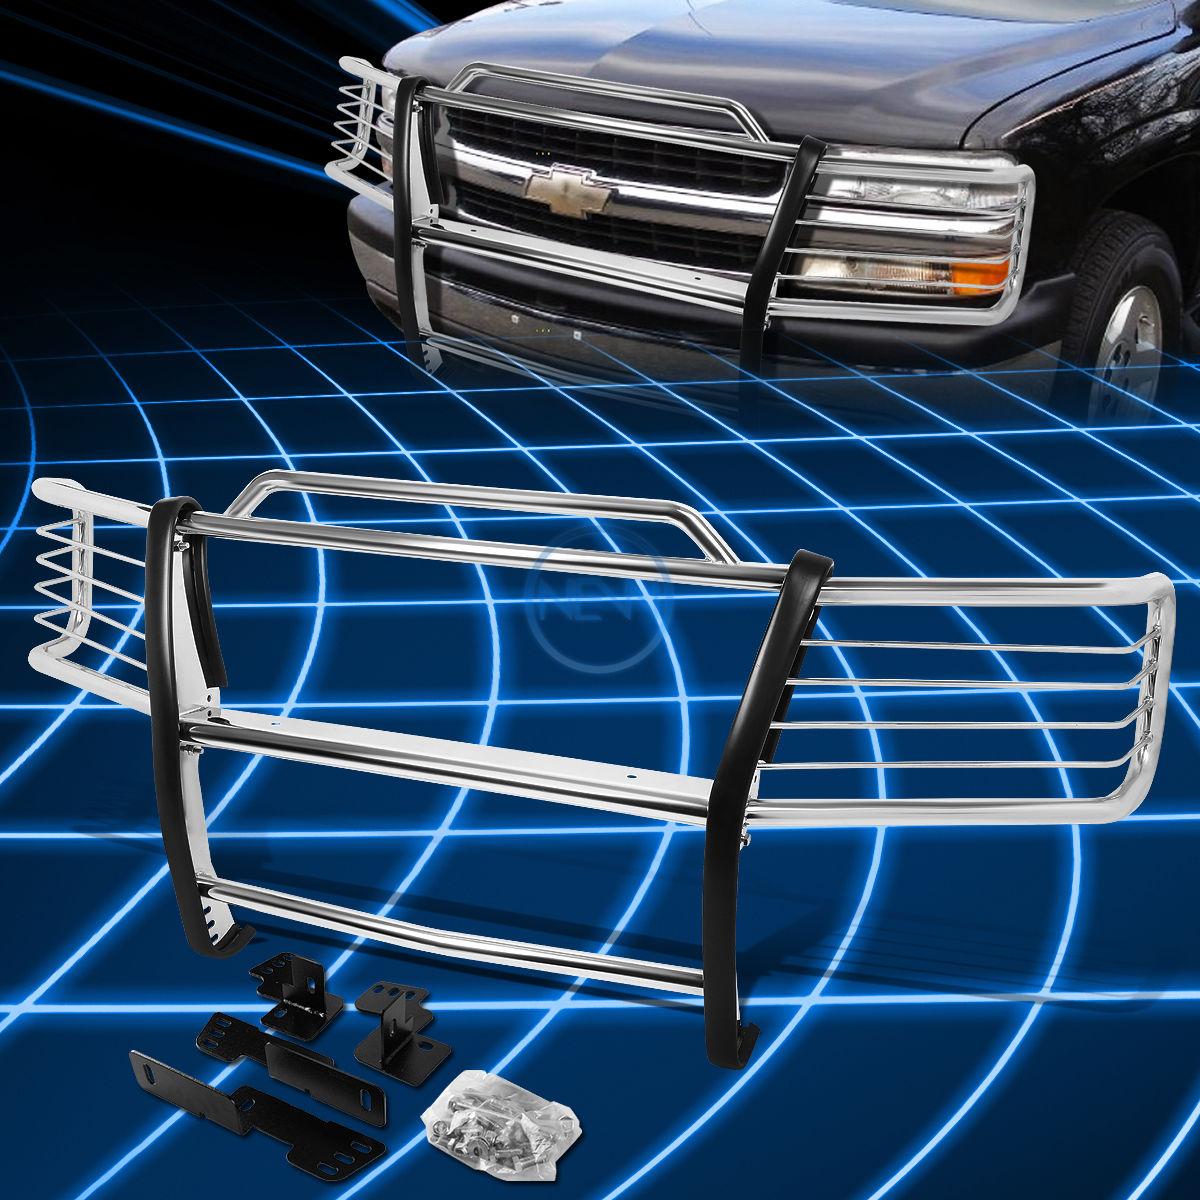 グリル クロムブラシバンパープロテクターグリルガード2000-2006シボレータホ/郊外 Chrome Brush Bumper Protector Grille Guard for 2000-2006 Chevy Tahoe/Suburban